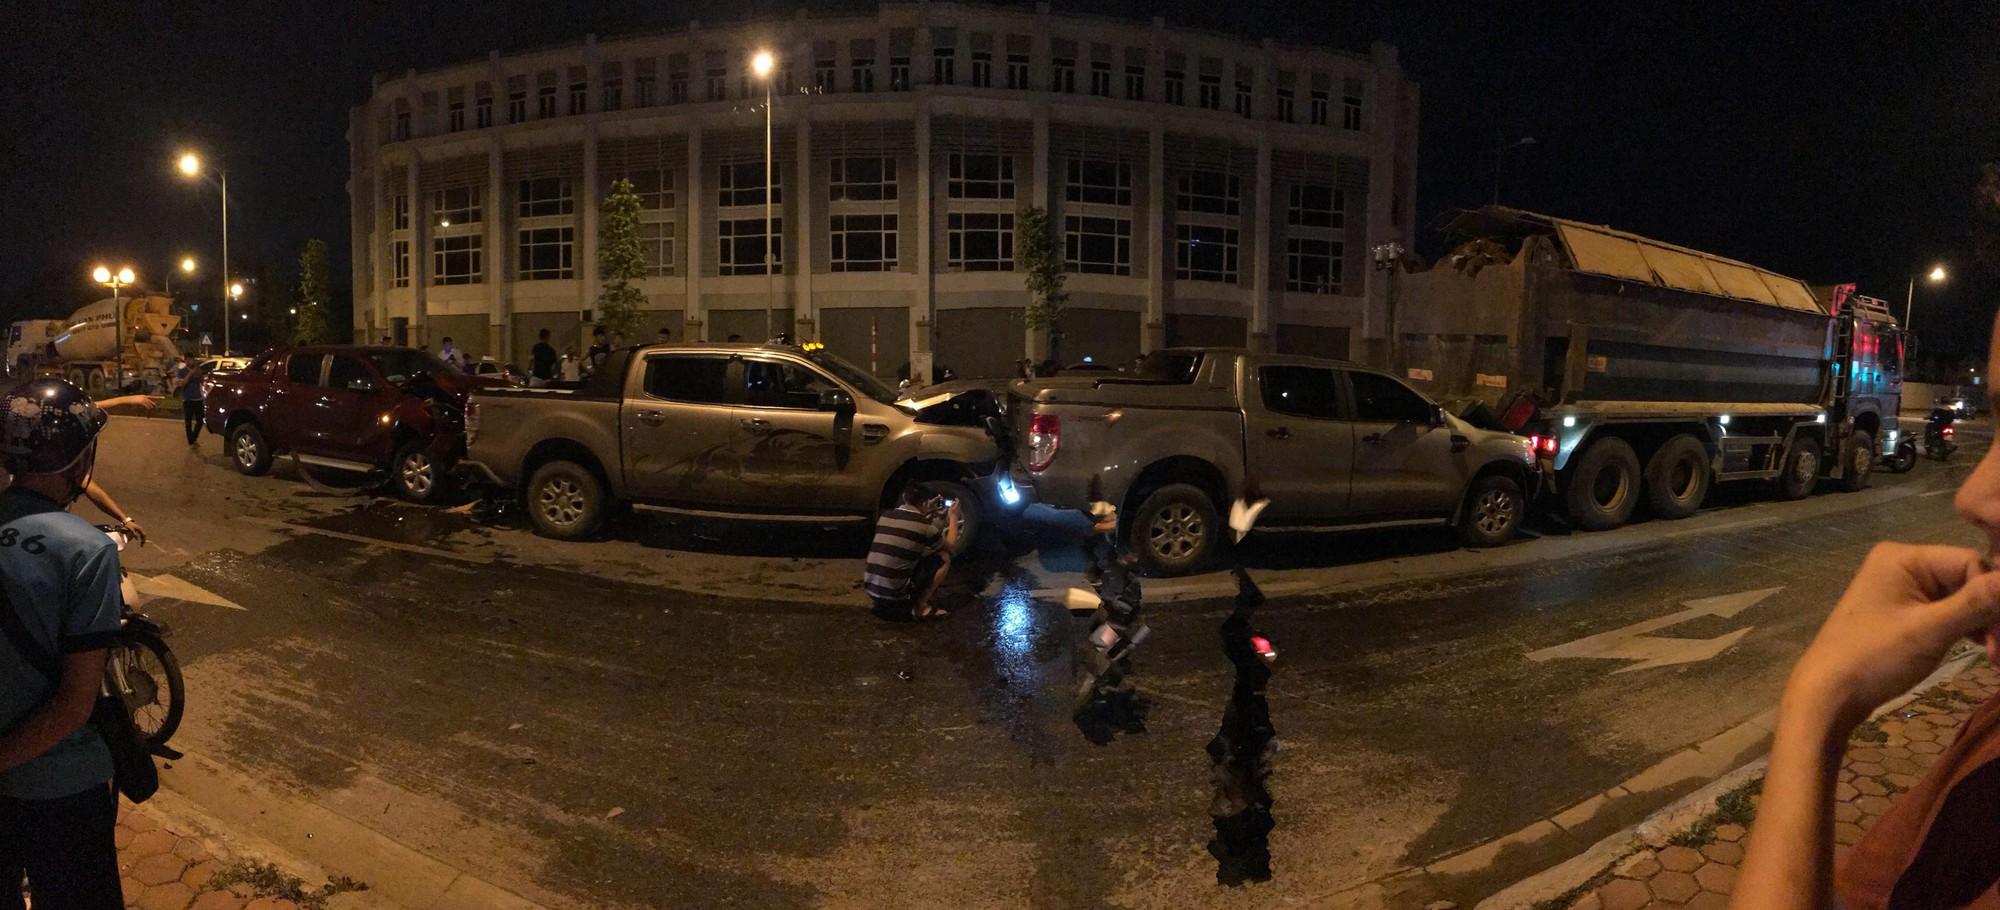 Hà Nội: 3 xe bán tải và 1 xe tải dồn toa thẳng tắp giữa phố - Ảnh 1.